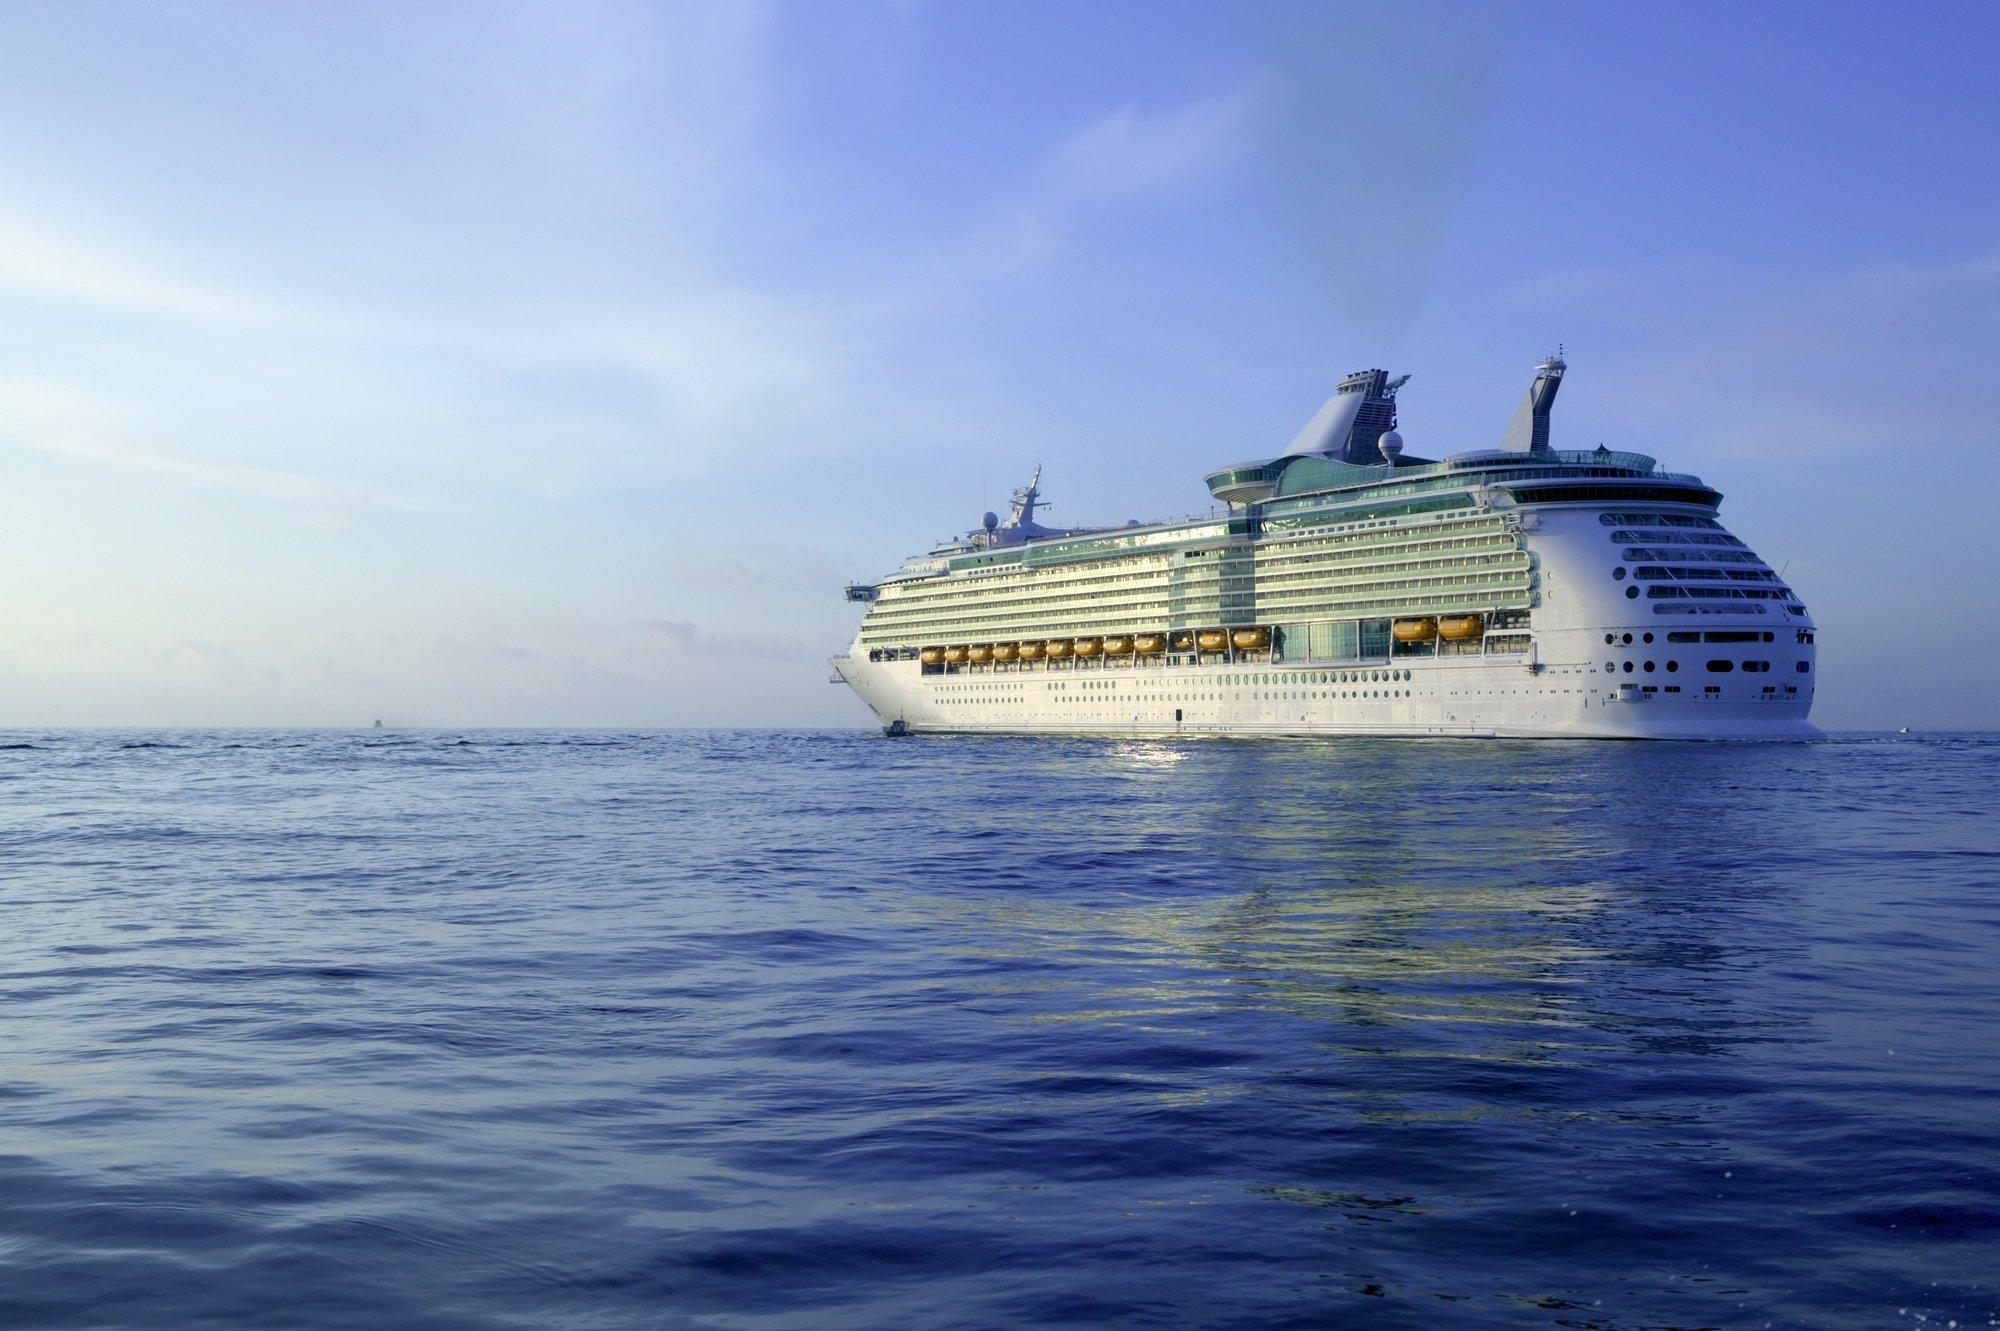 Ein Kreuzfahrtschiff fährt auf dem Meer.